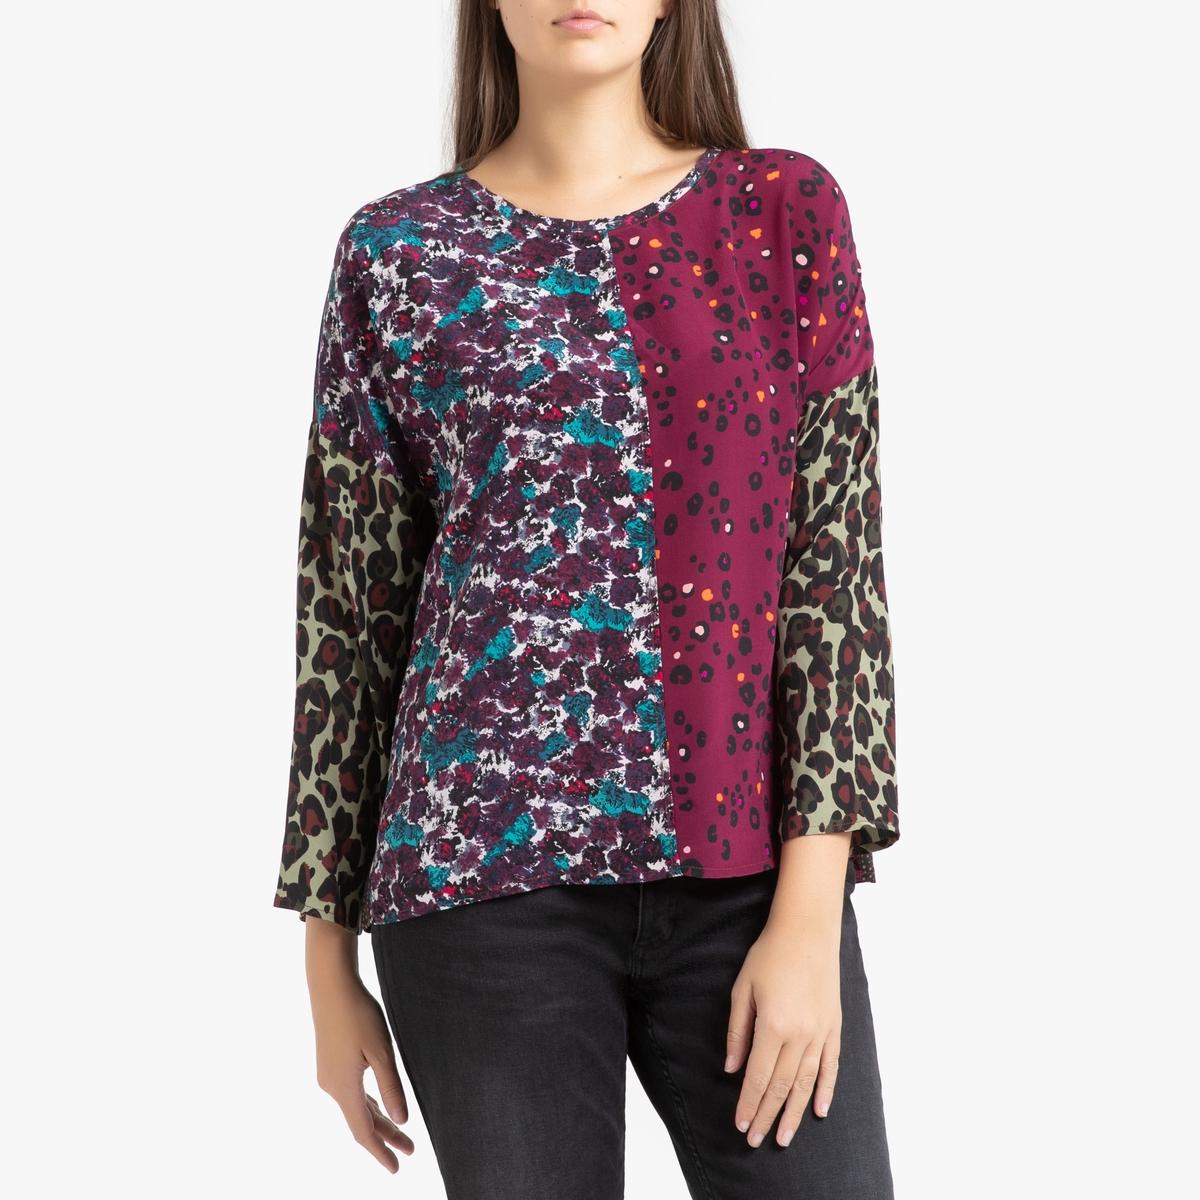 Блузка La Redoute Из шелка с длинными рукавами GERS S/M красный блузка с круглым вырезом графическим рисунком и длинными рукавами